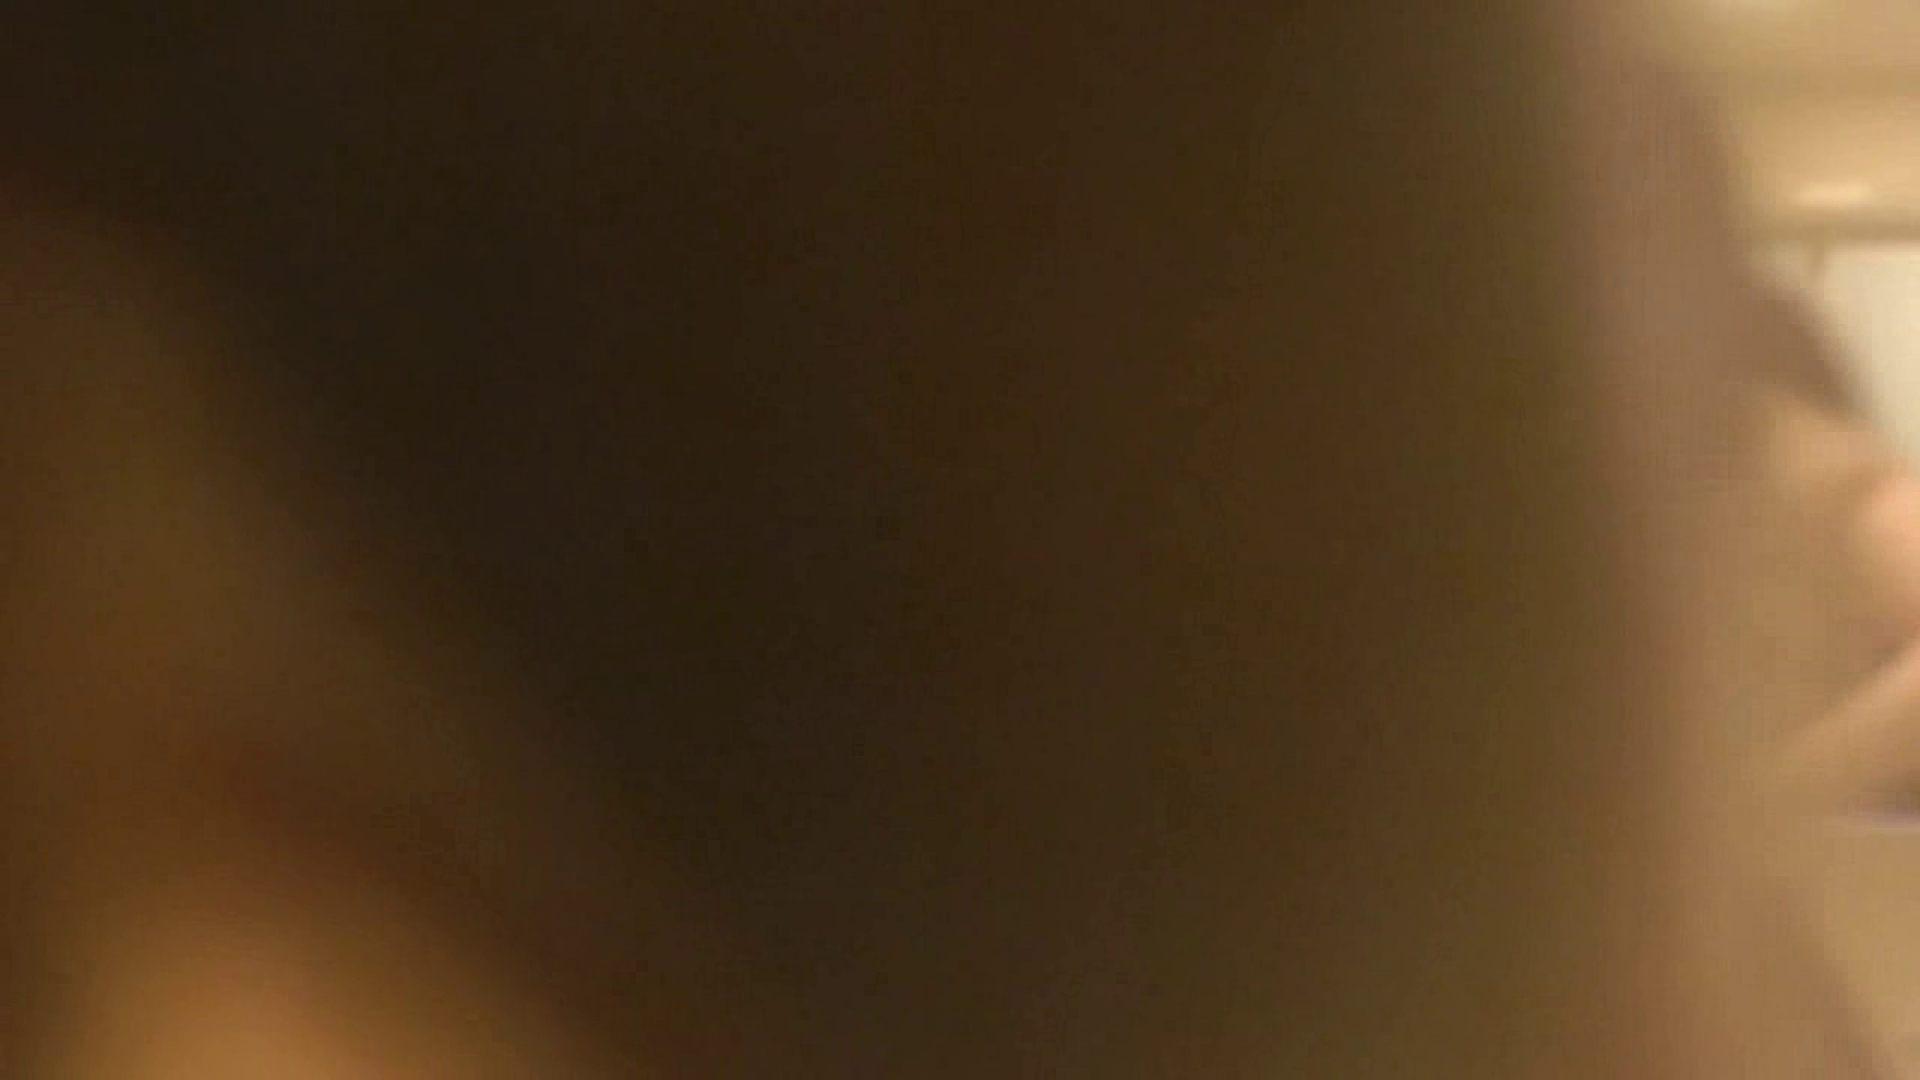 vol.1 Mayumi 窓越しに入浴シーン撮影に成功 OL   入浴シーン  89連発